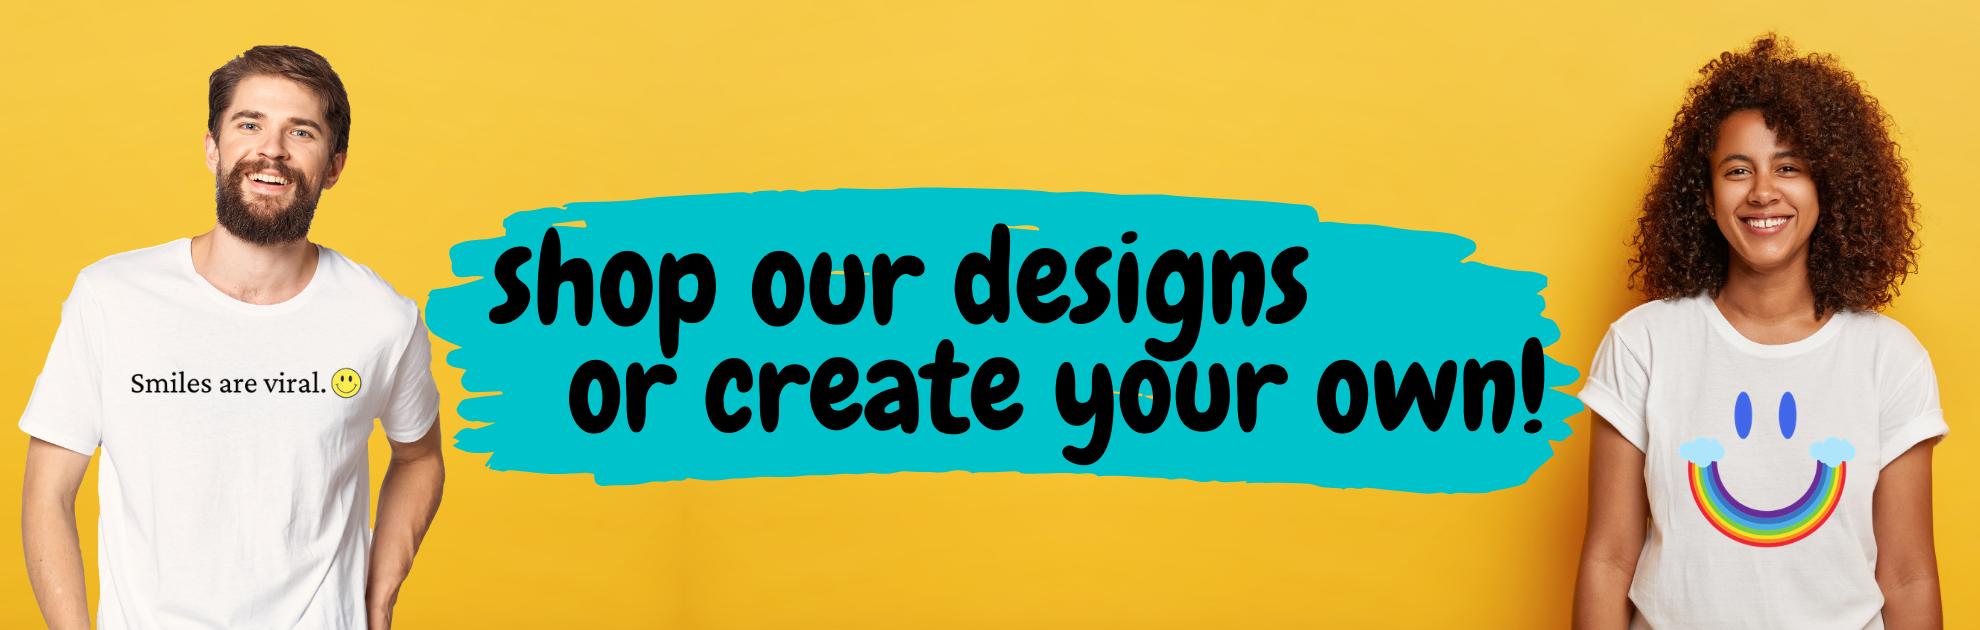 Shop Our Designs